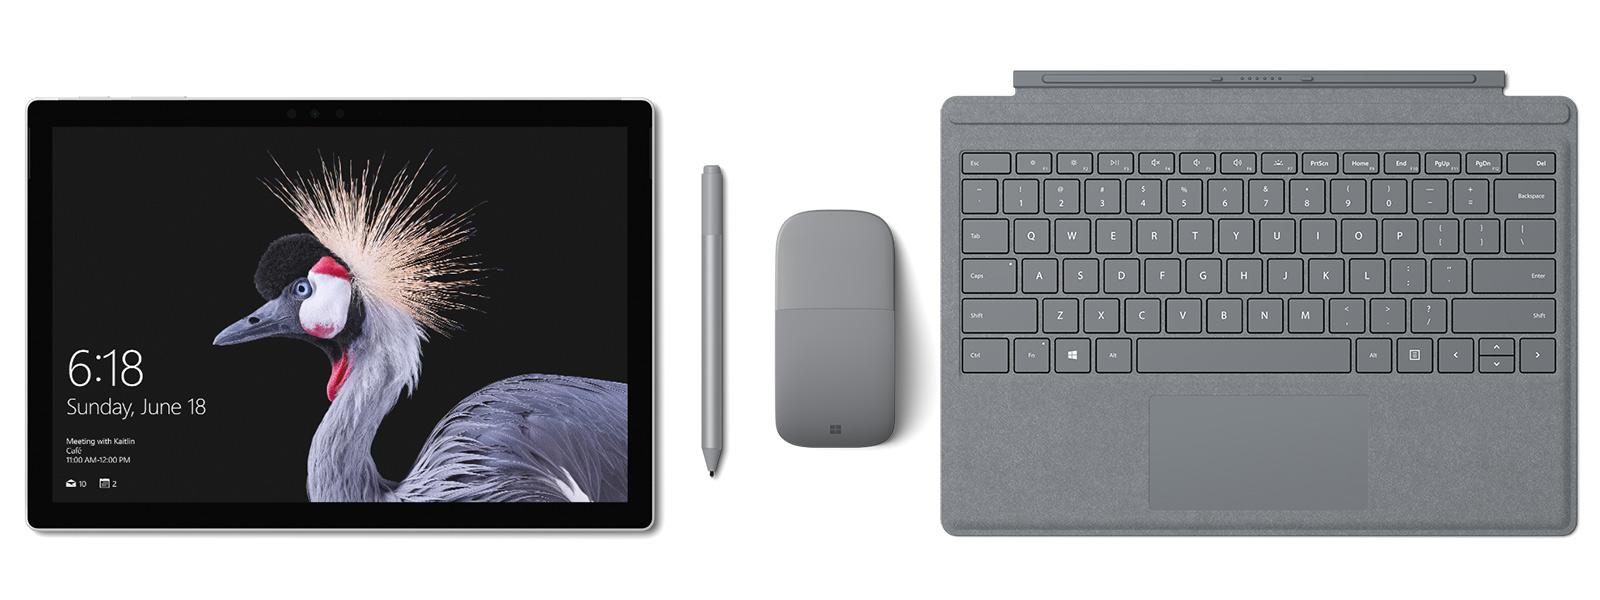 Kuva Surface Prosta, jossa on Surface Pro Signature Type Cover -suoja, Surface-kynä ja platinanvärinen Surface Arc Mouse. Mukana tulee Surface-kynä.